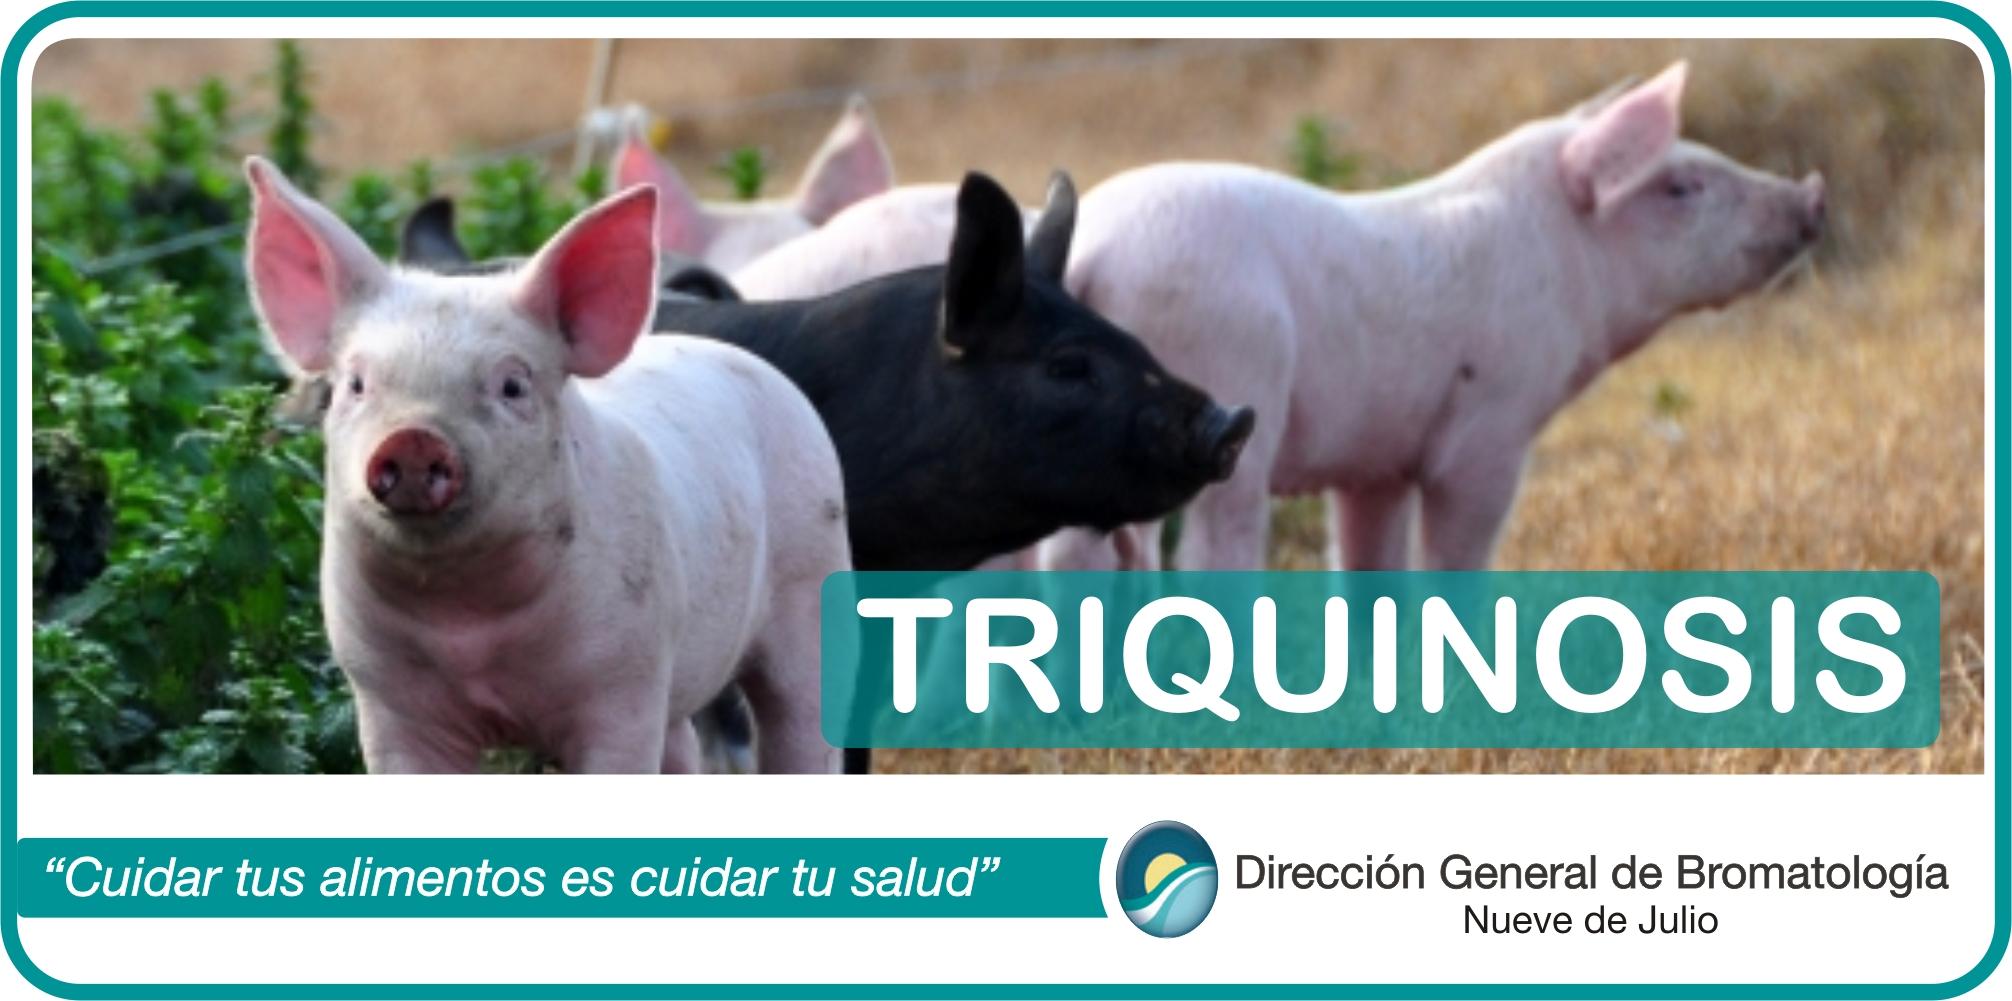 enfermedad triquinosis prevencion